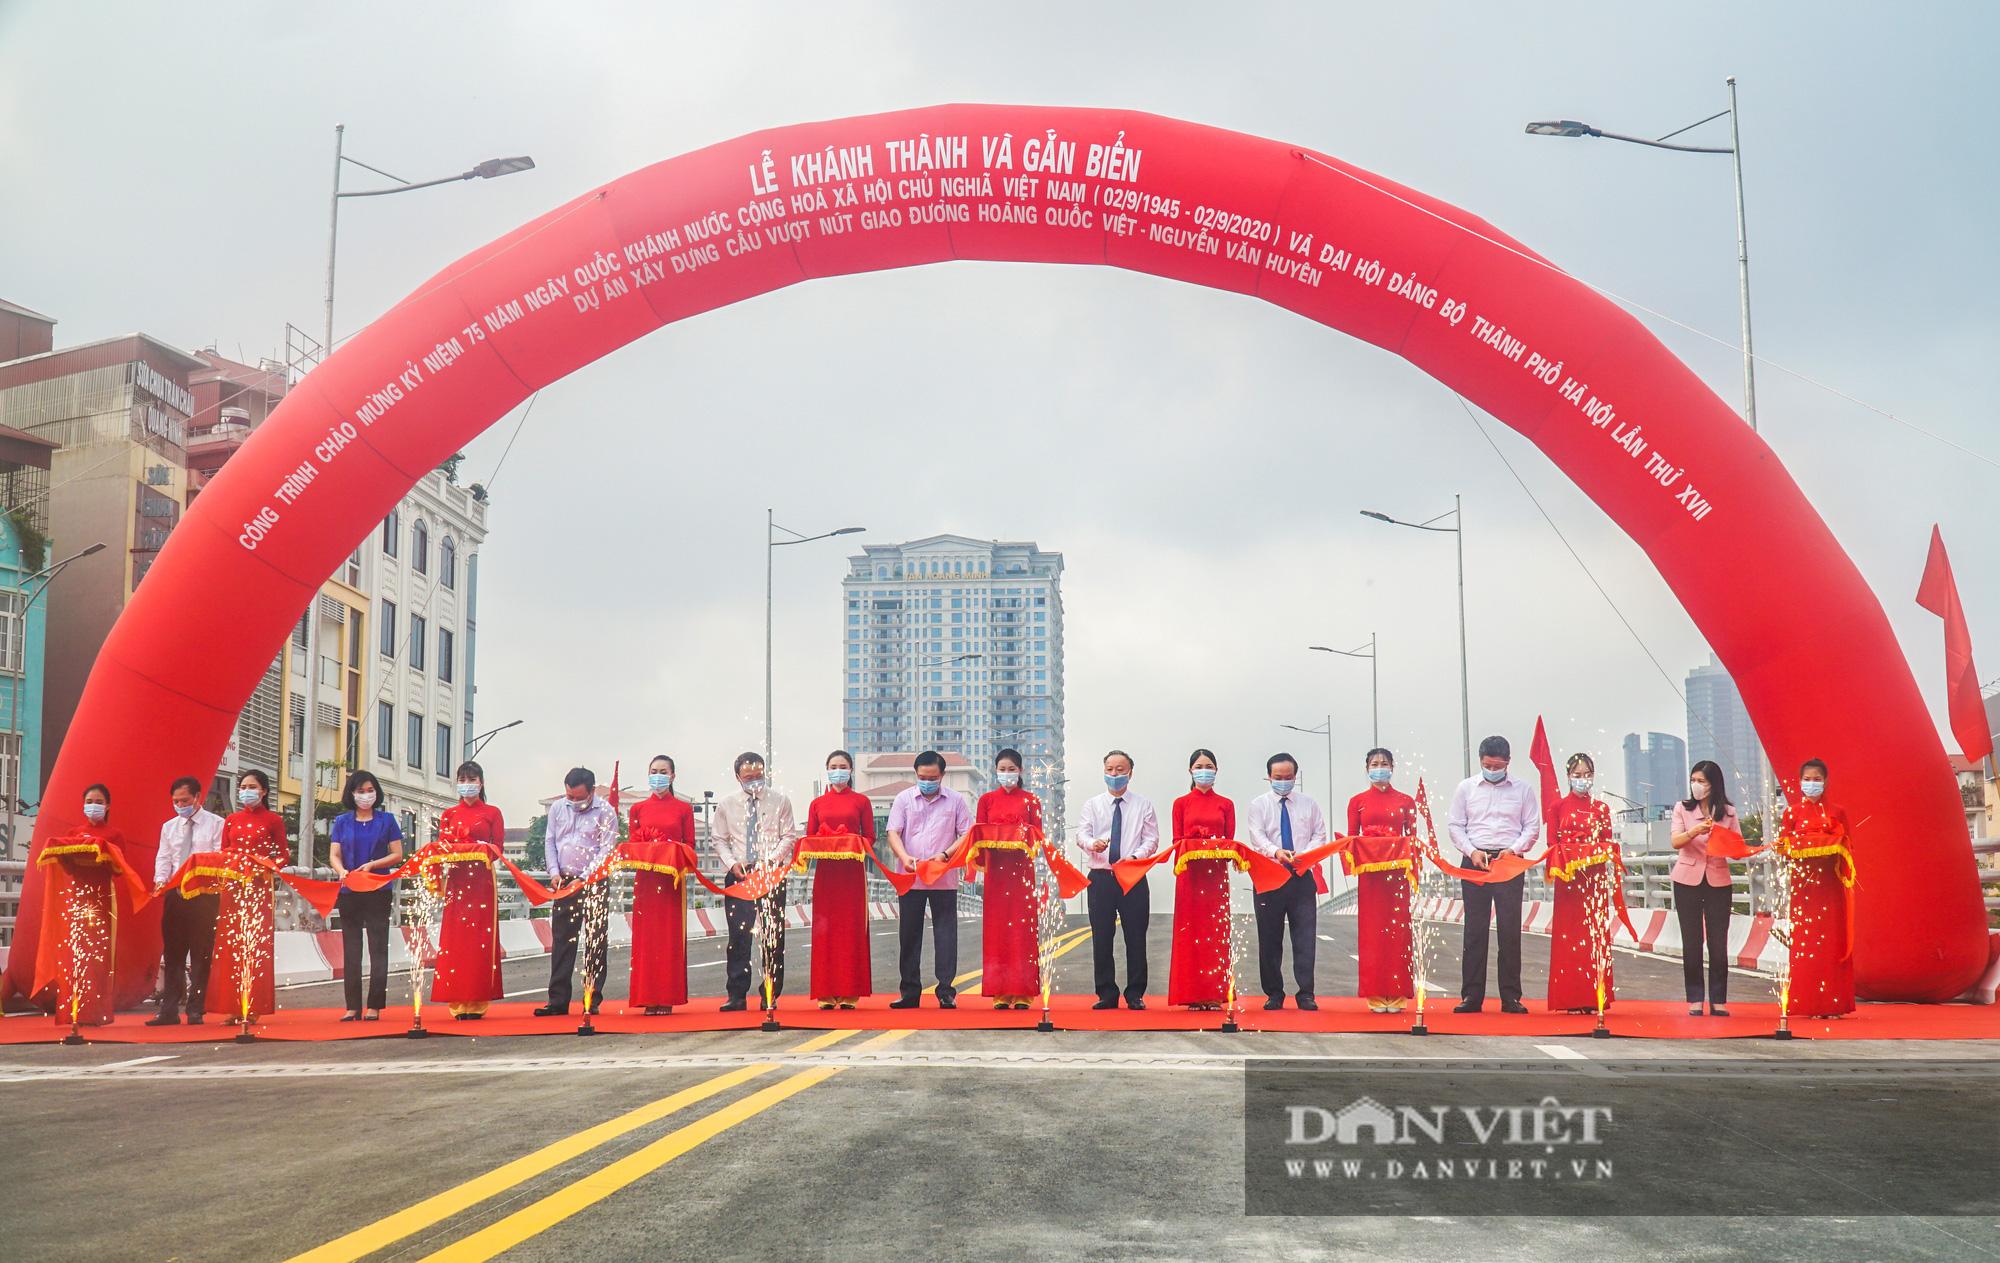 Bí thư Hà Nội dự lễ thông xe cầu vượt Nguyễn Văn Huyên - Hoàng Quốc Việt - Ảnh 1.